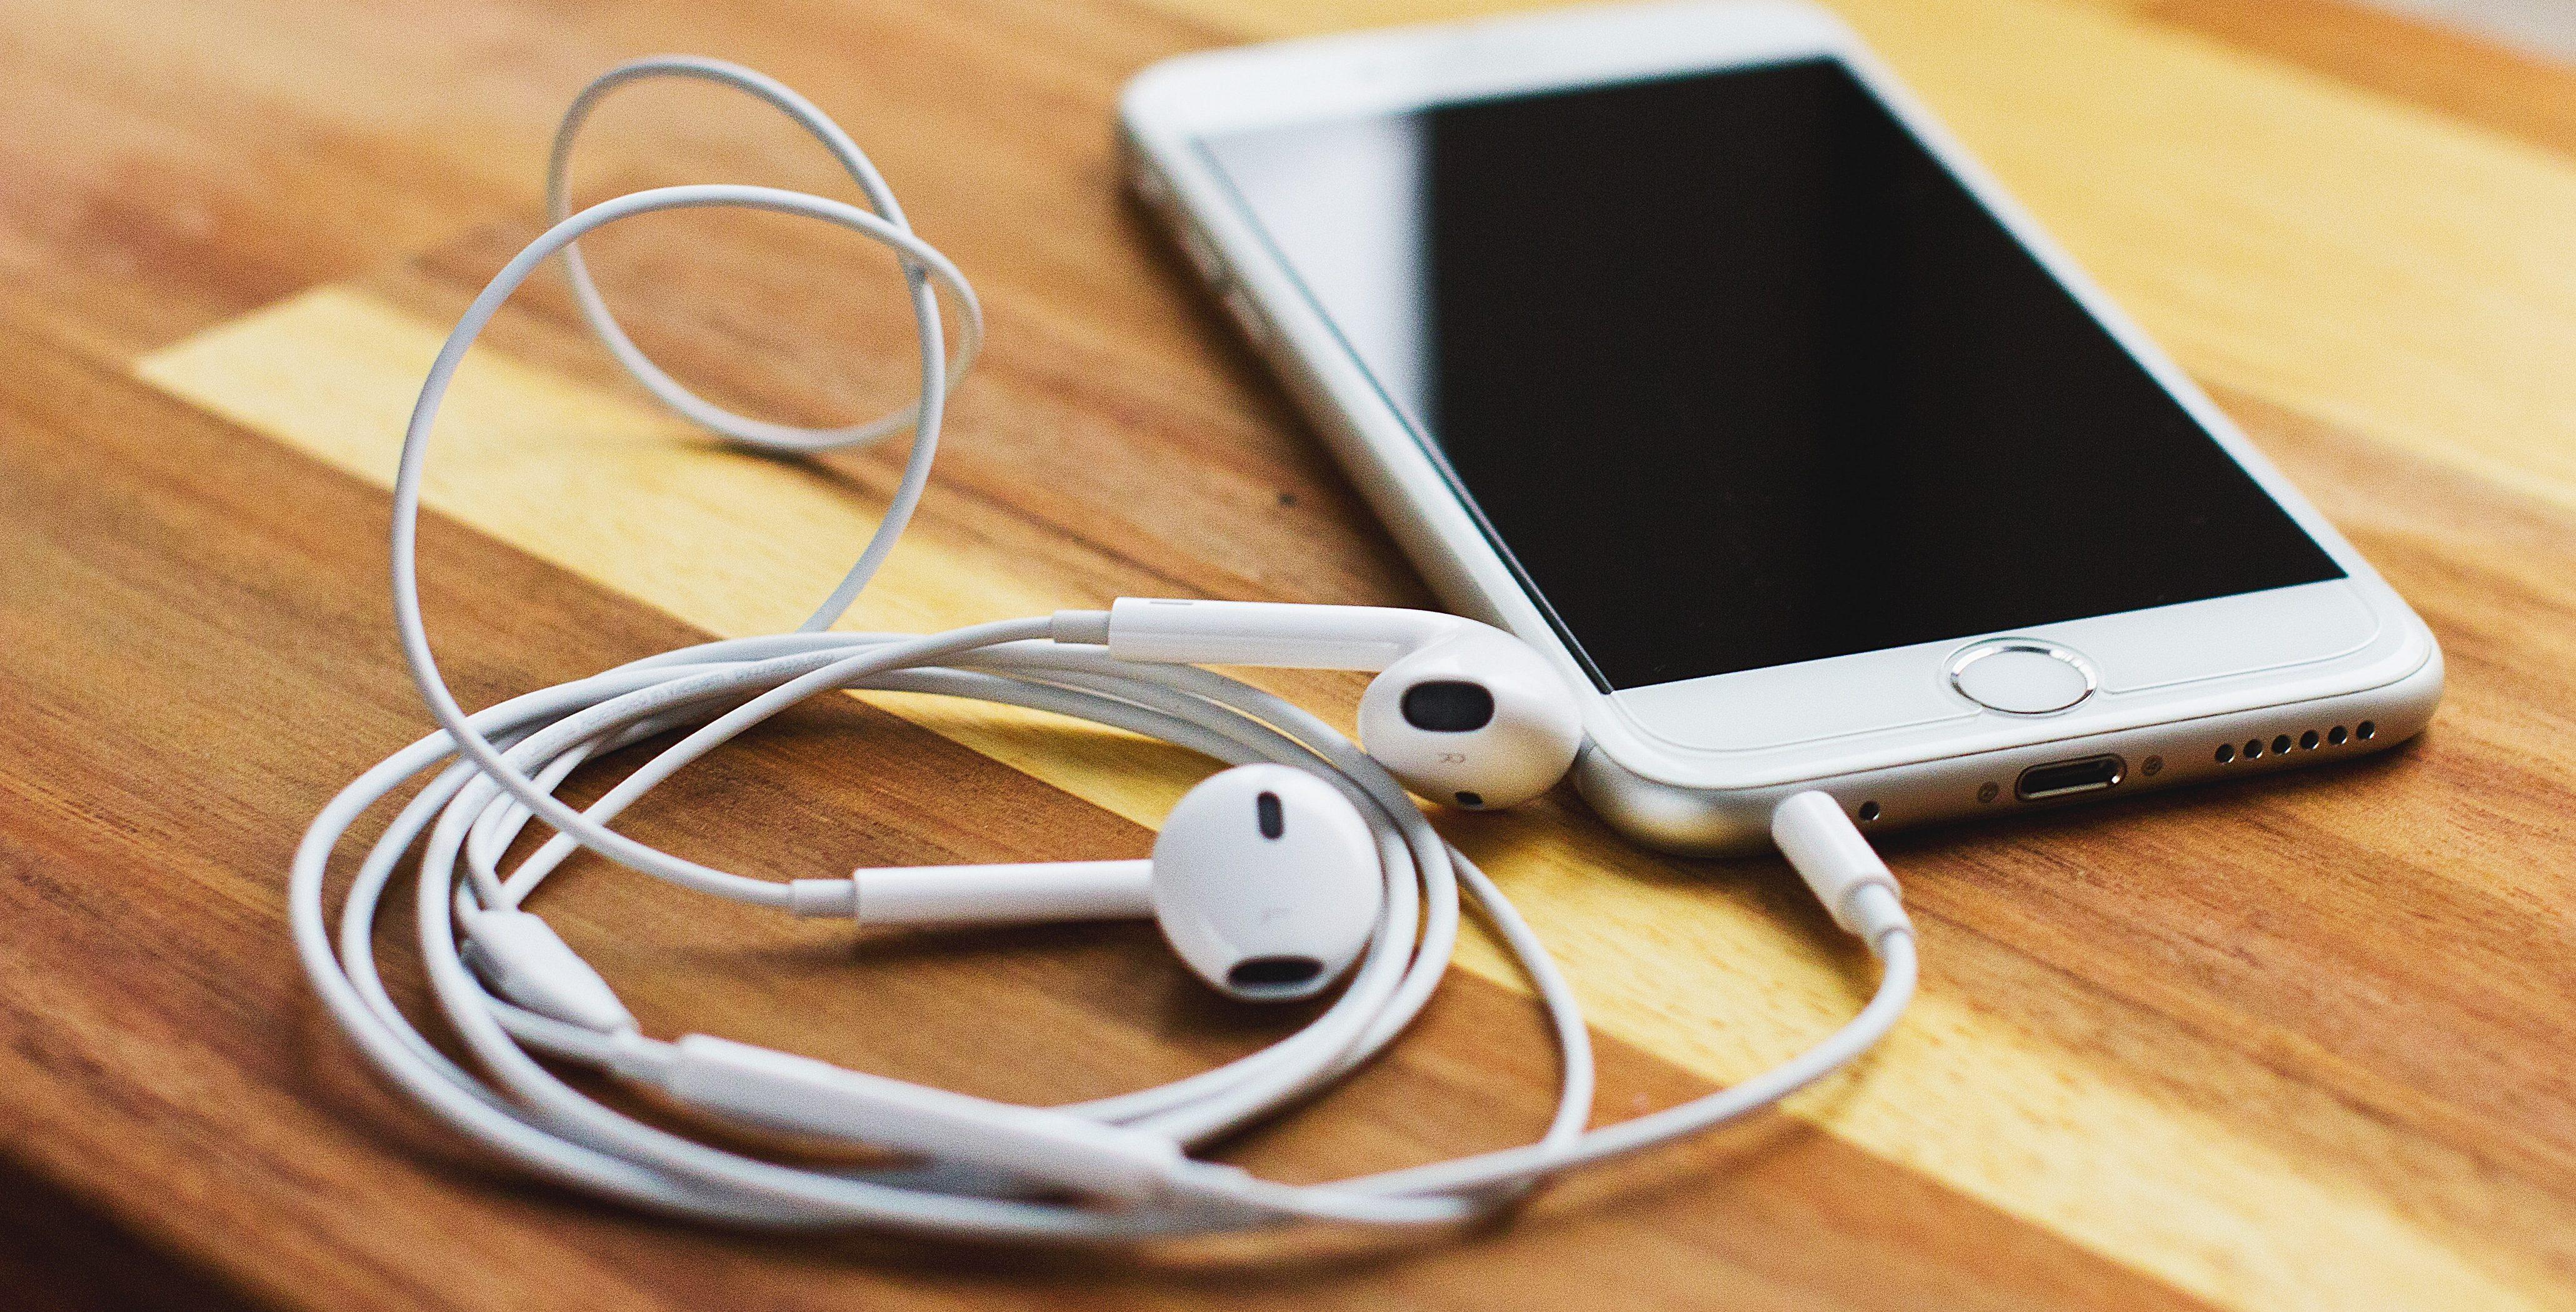 Fone de ouvido intra-auricular: Qual é o melhor de 2020?